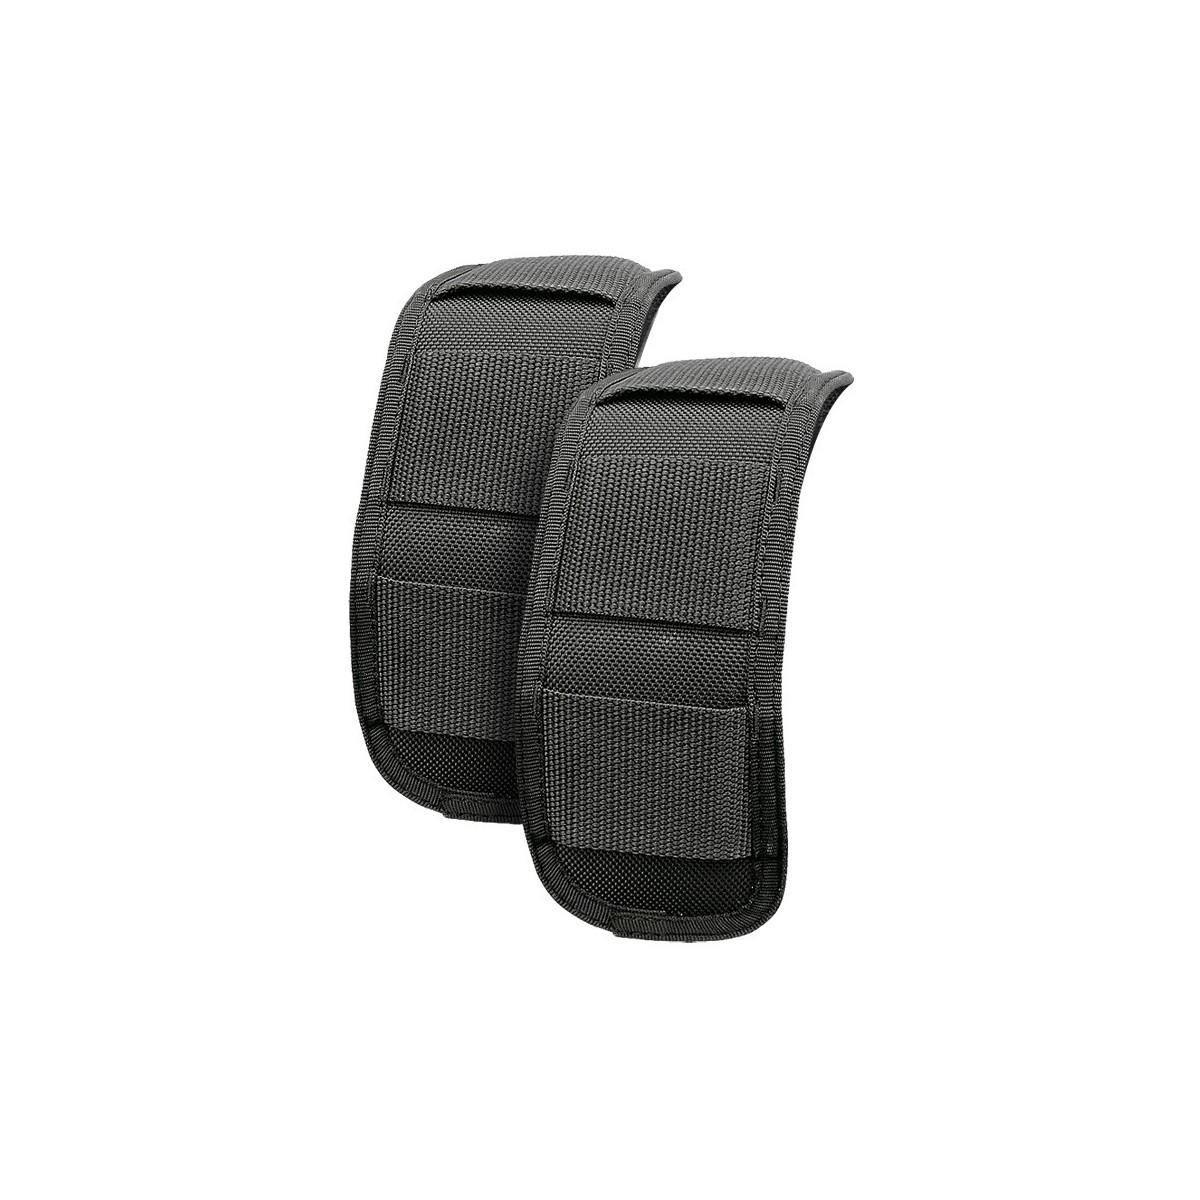 Scubapro X-TEK Shoulder Pads (Pair) Technical